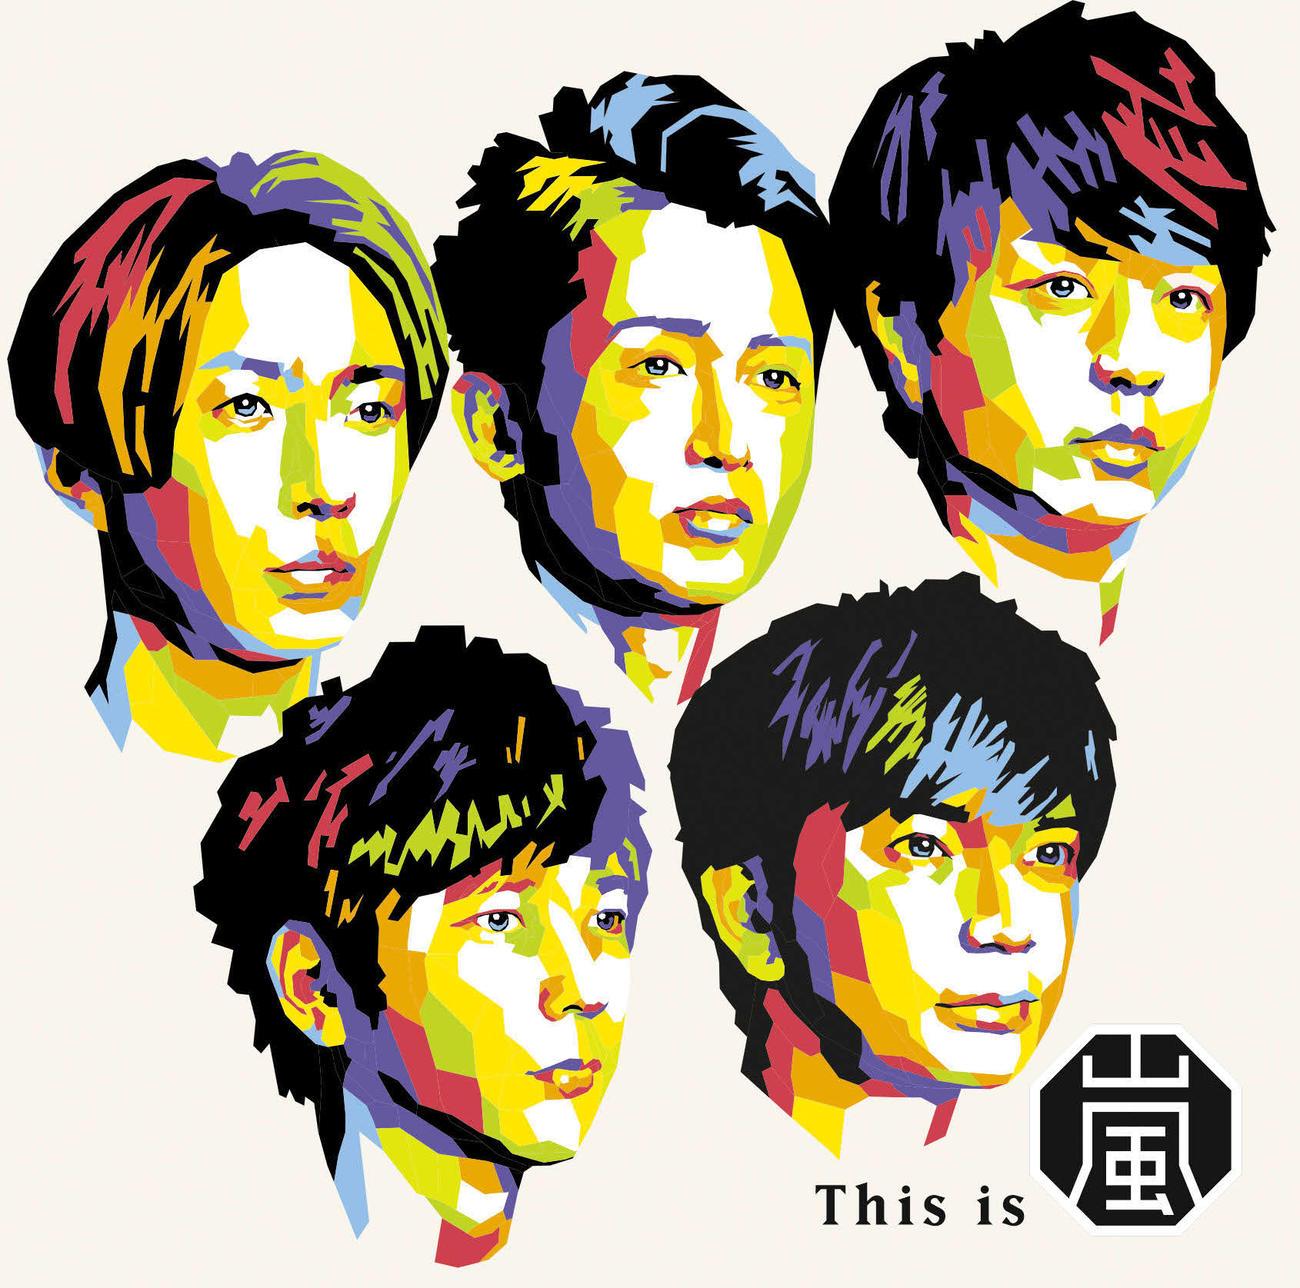 嵐17枚目のオリジナルアルバム「This is 嵐」